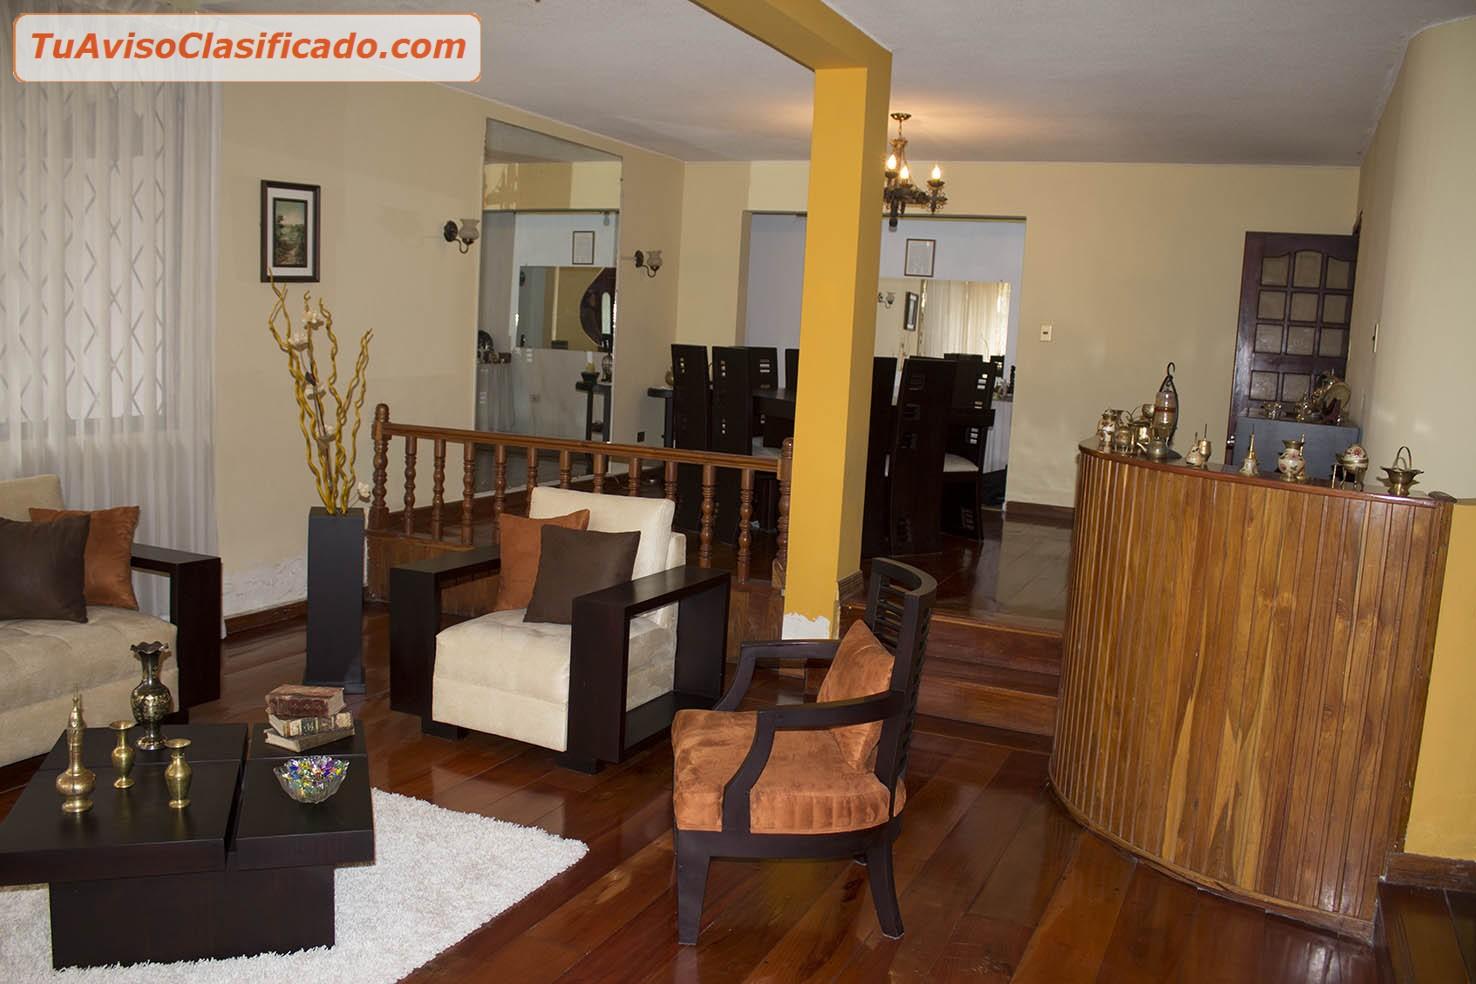 Habitaci n de inmuebles y propiedades en for Alquiler de habitacion en hotel familiar